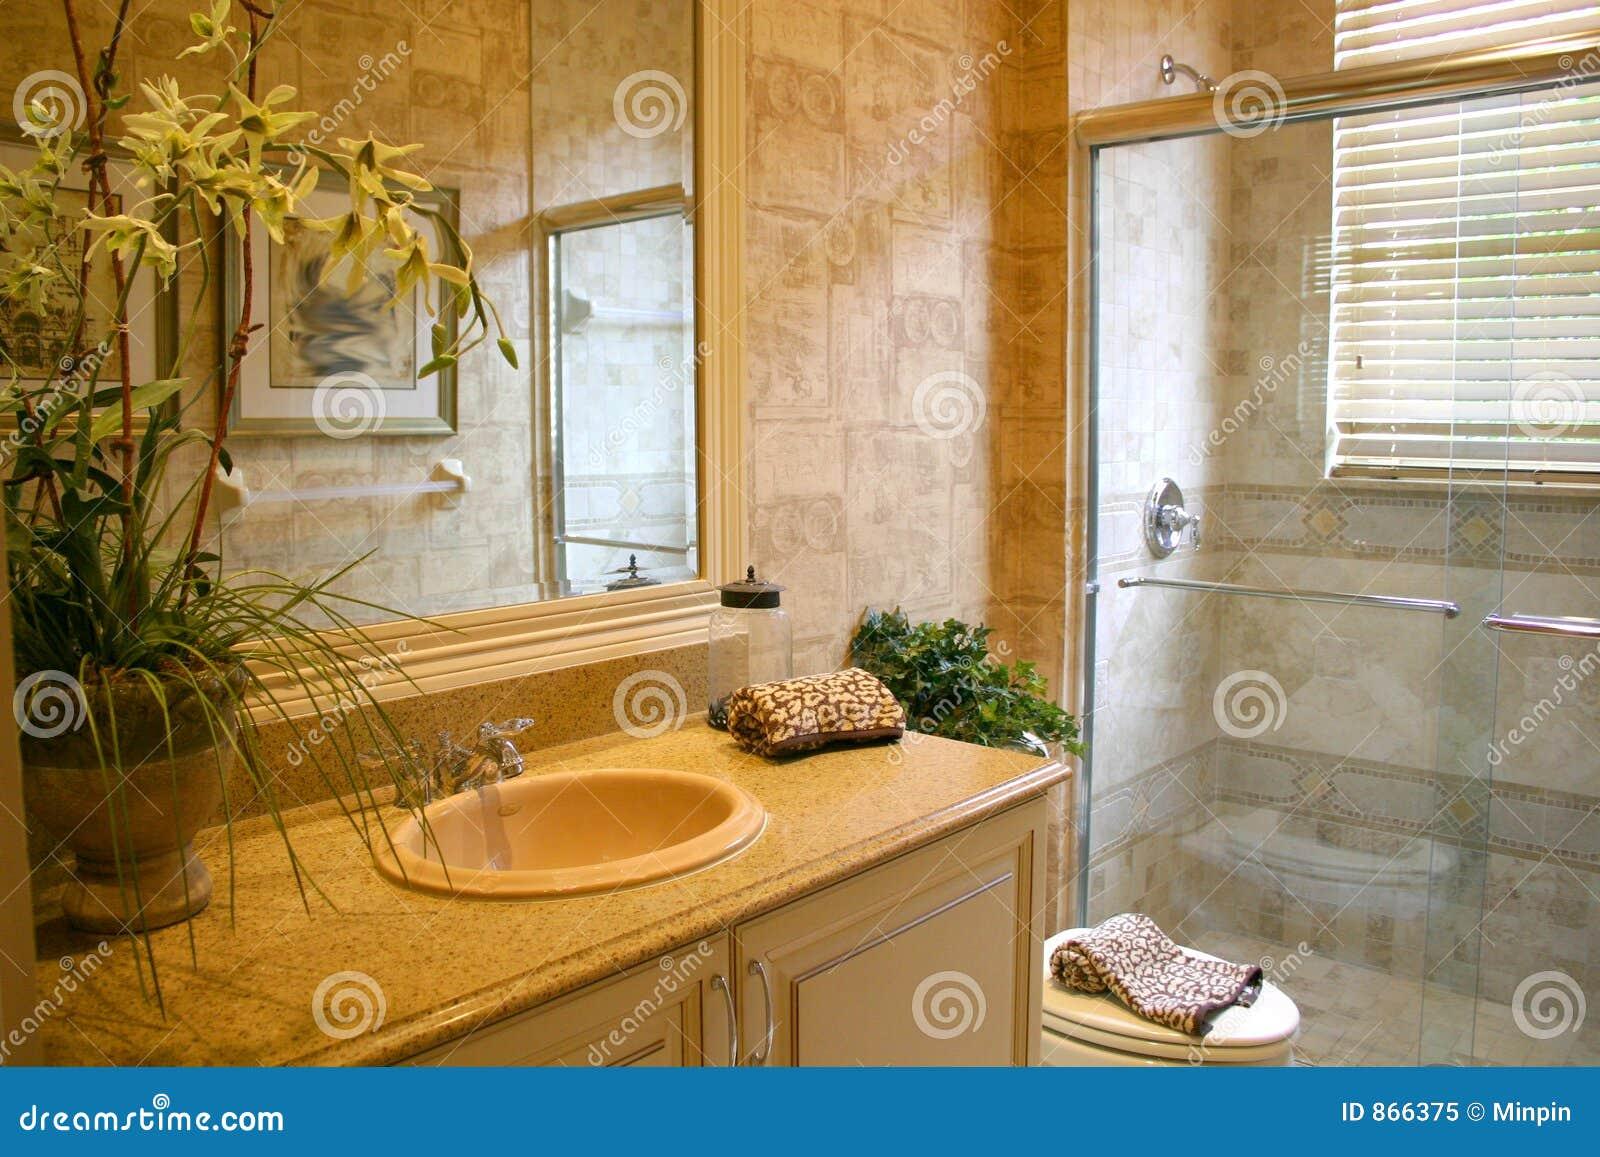 Stanza Da Bagno Di Lusso Fotografia Stock Libera da Diritti - Immagine: 866375